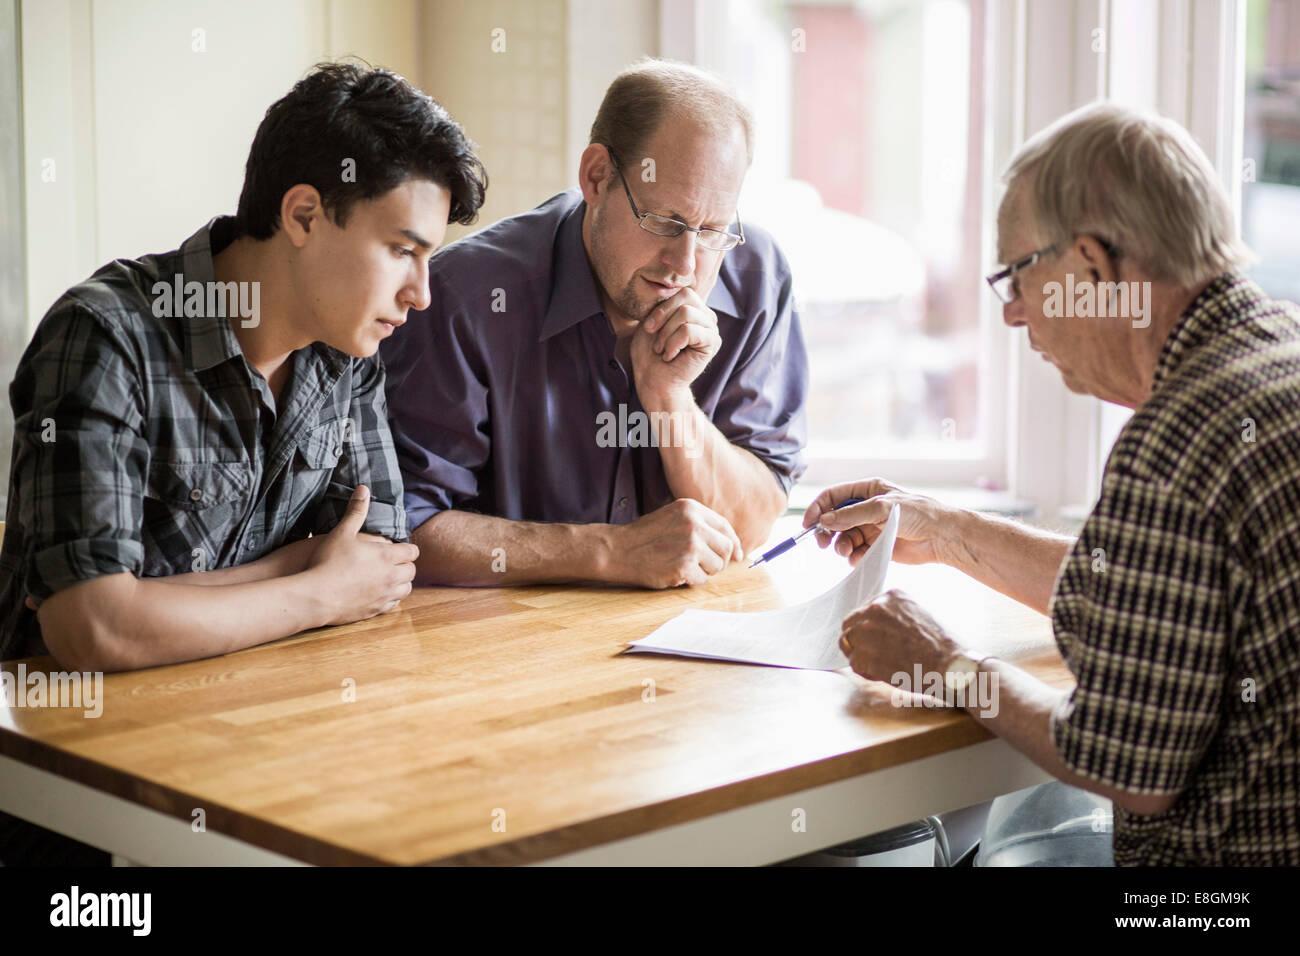 Famiglia discutendo sui documenti a tavola Immagini Stock